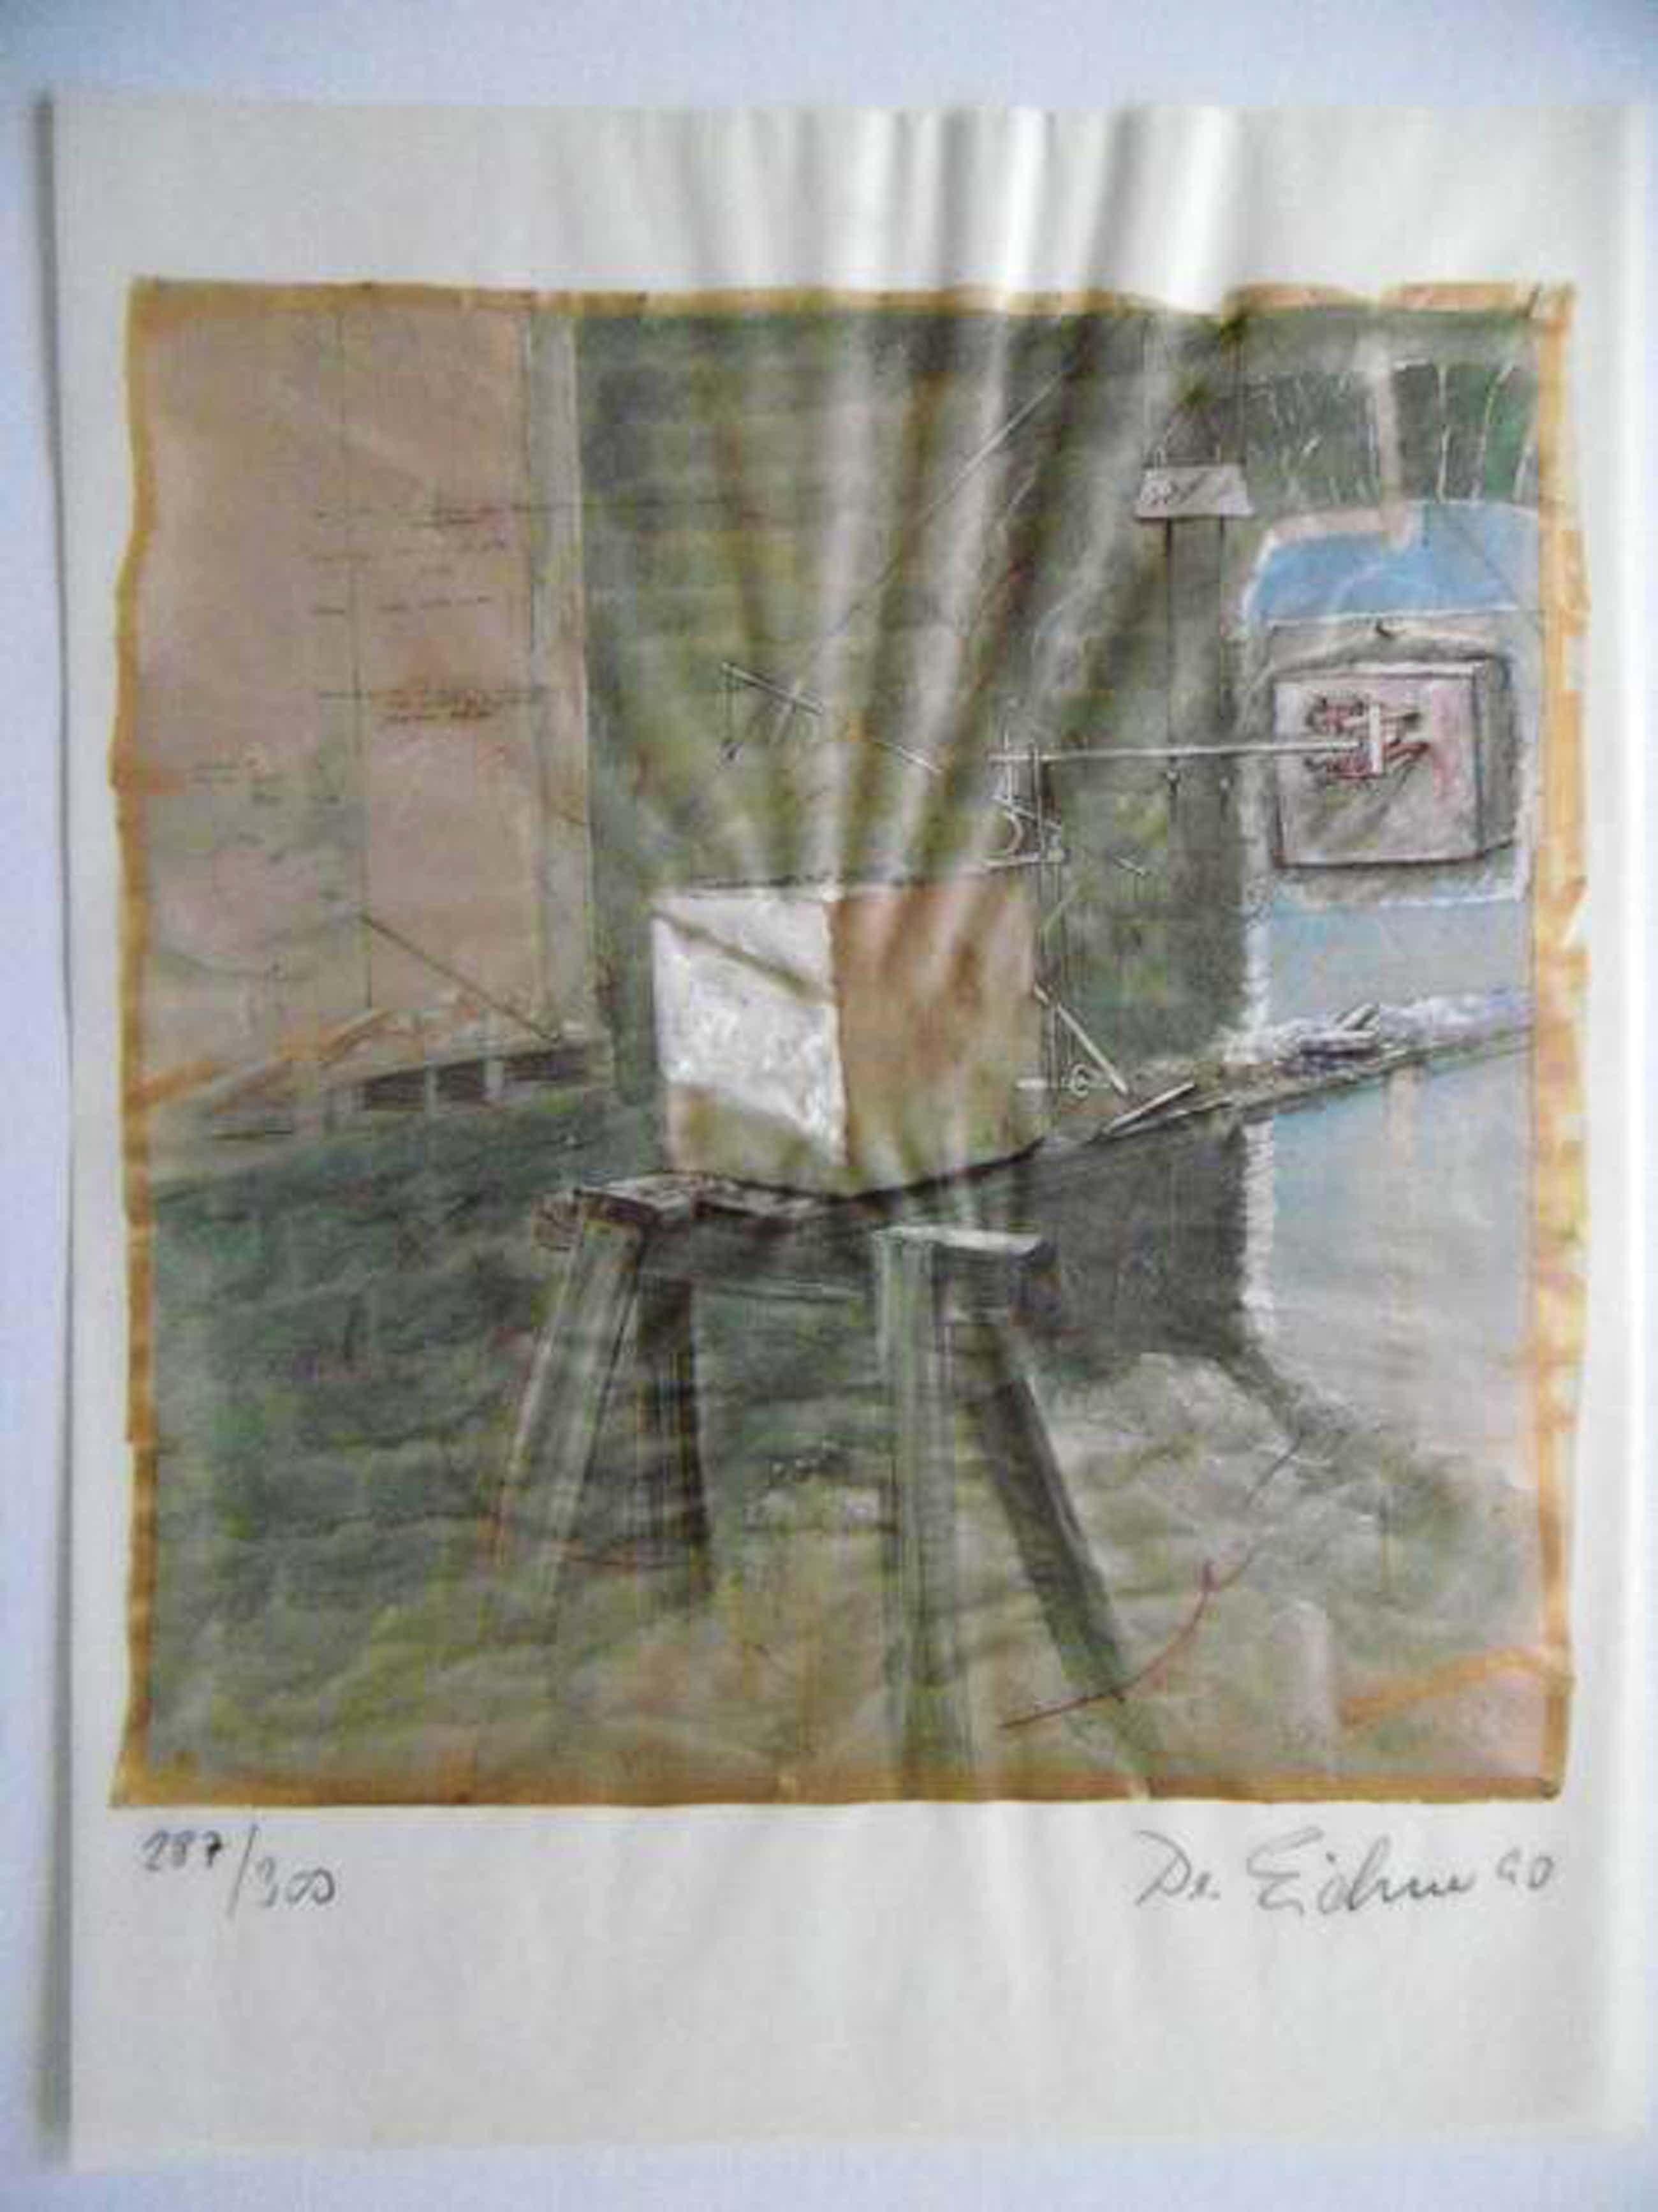 Hellmuth Eichner - Original-Graphik, handüberarbeitet, serielles Unikat, 1990, handsigniert, datiert und nummeriert kopen? Bied vanaf 125!